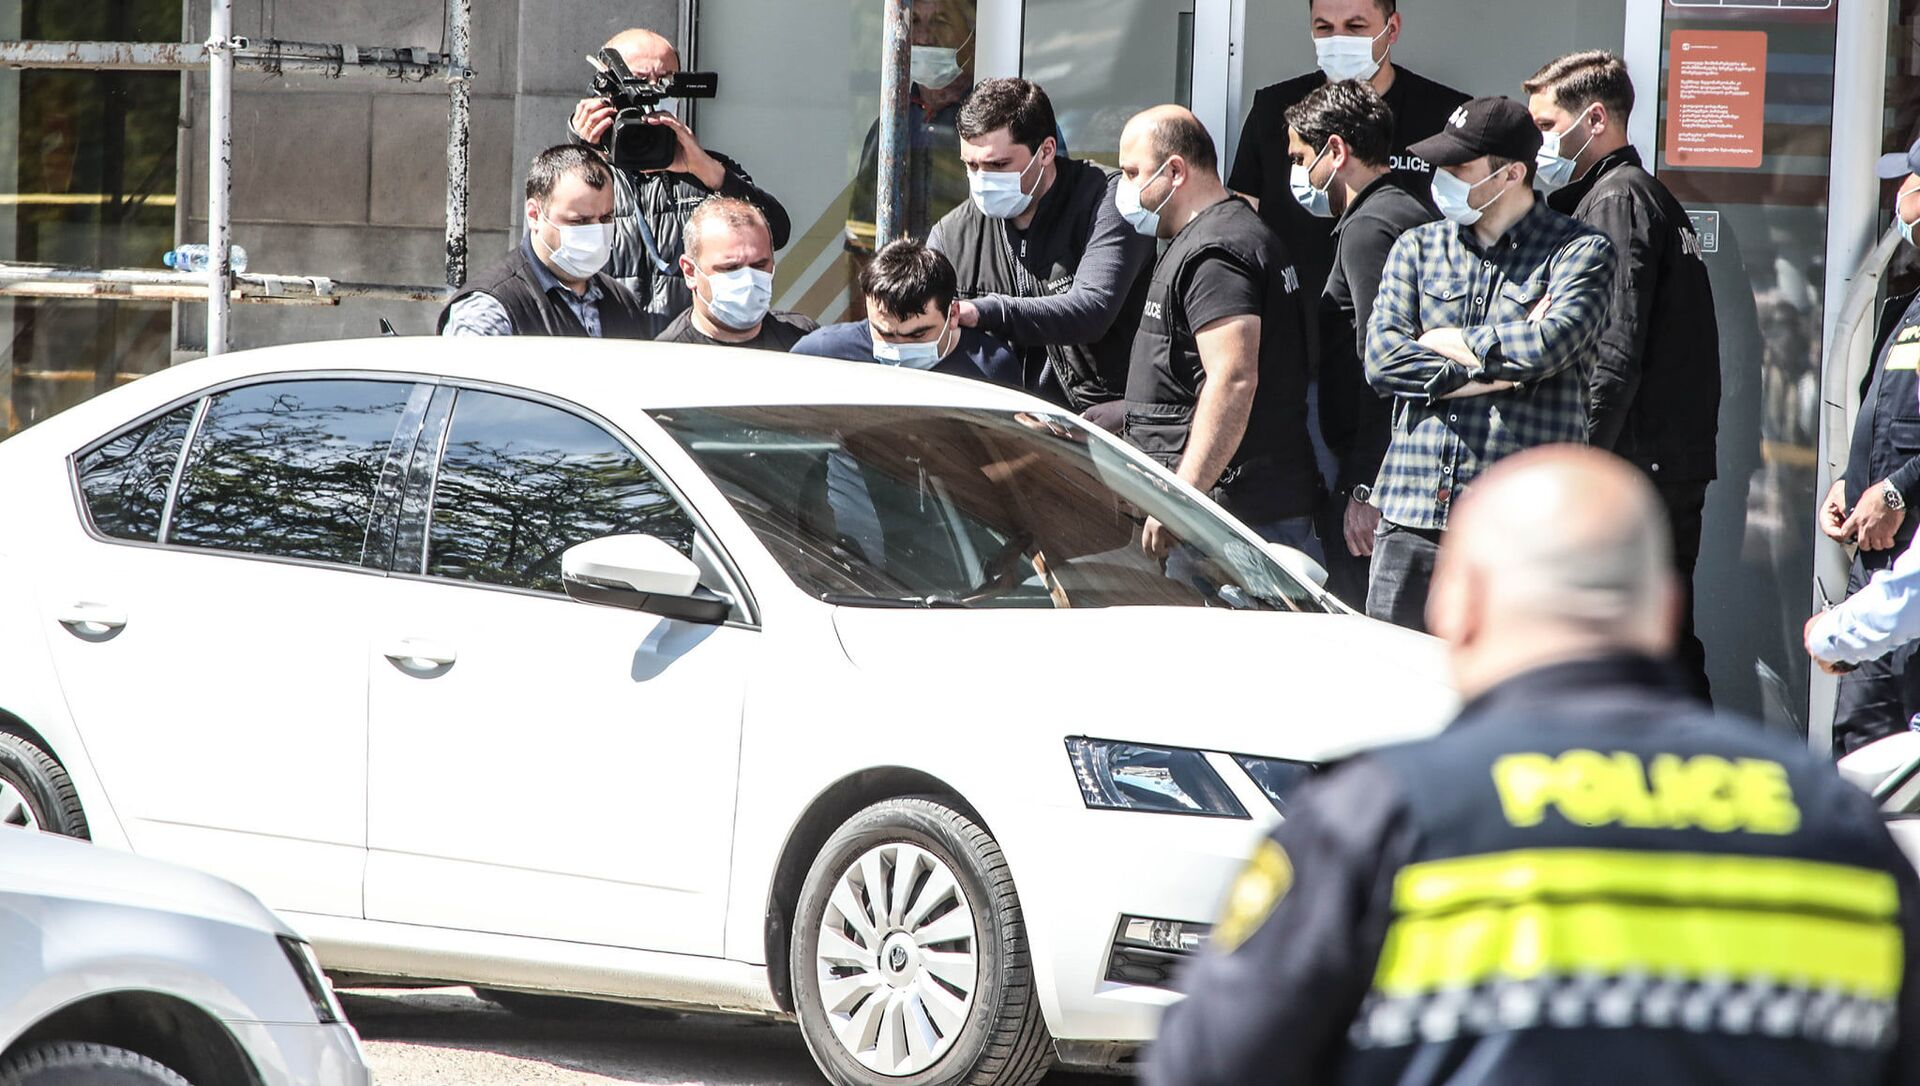 Задержание преступника. Нападение на филиал Банка Грузии и захват заложников 16 апреля 2021 года - Sputnik Грузия, 1920, 16.04.2021